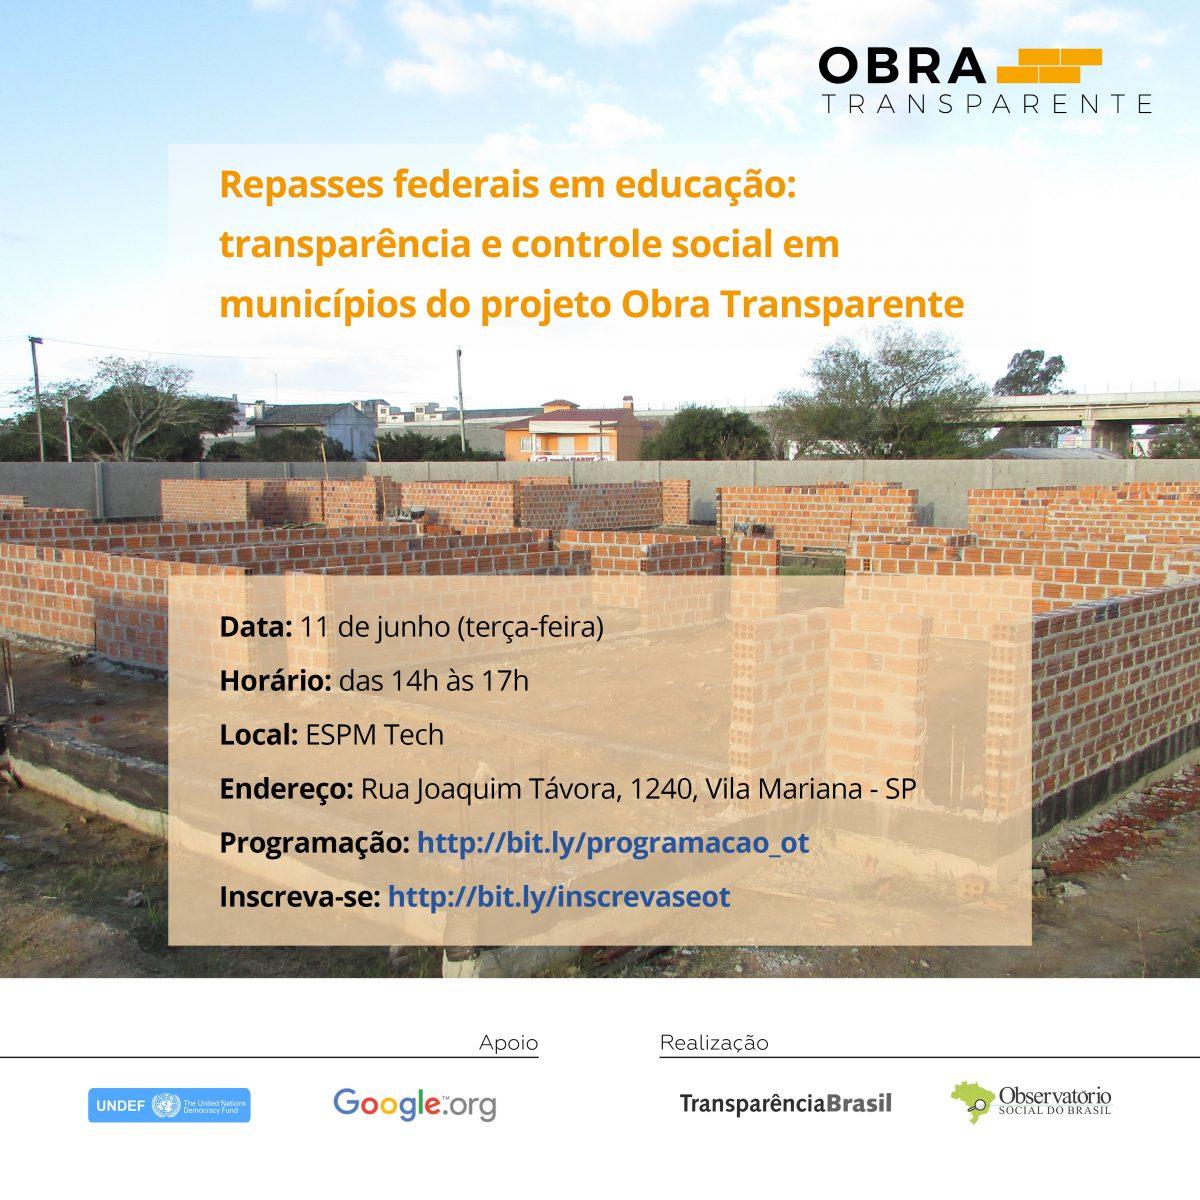 Repasses federais em educação: transparência e controle social em municípios do projeto Obra Transparente